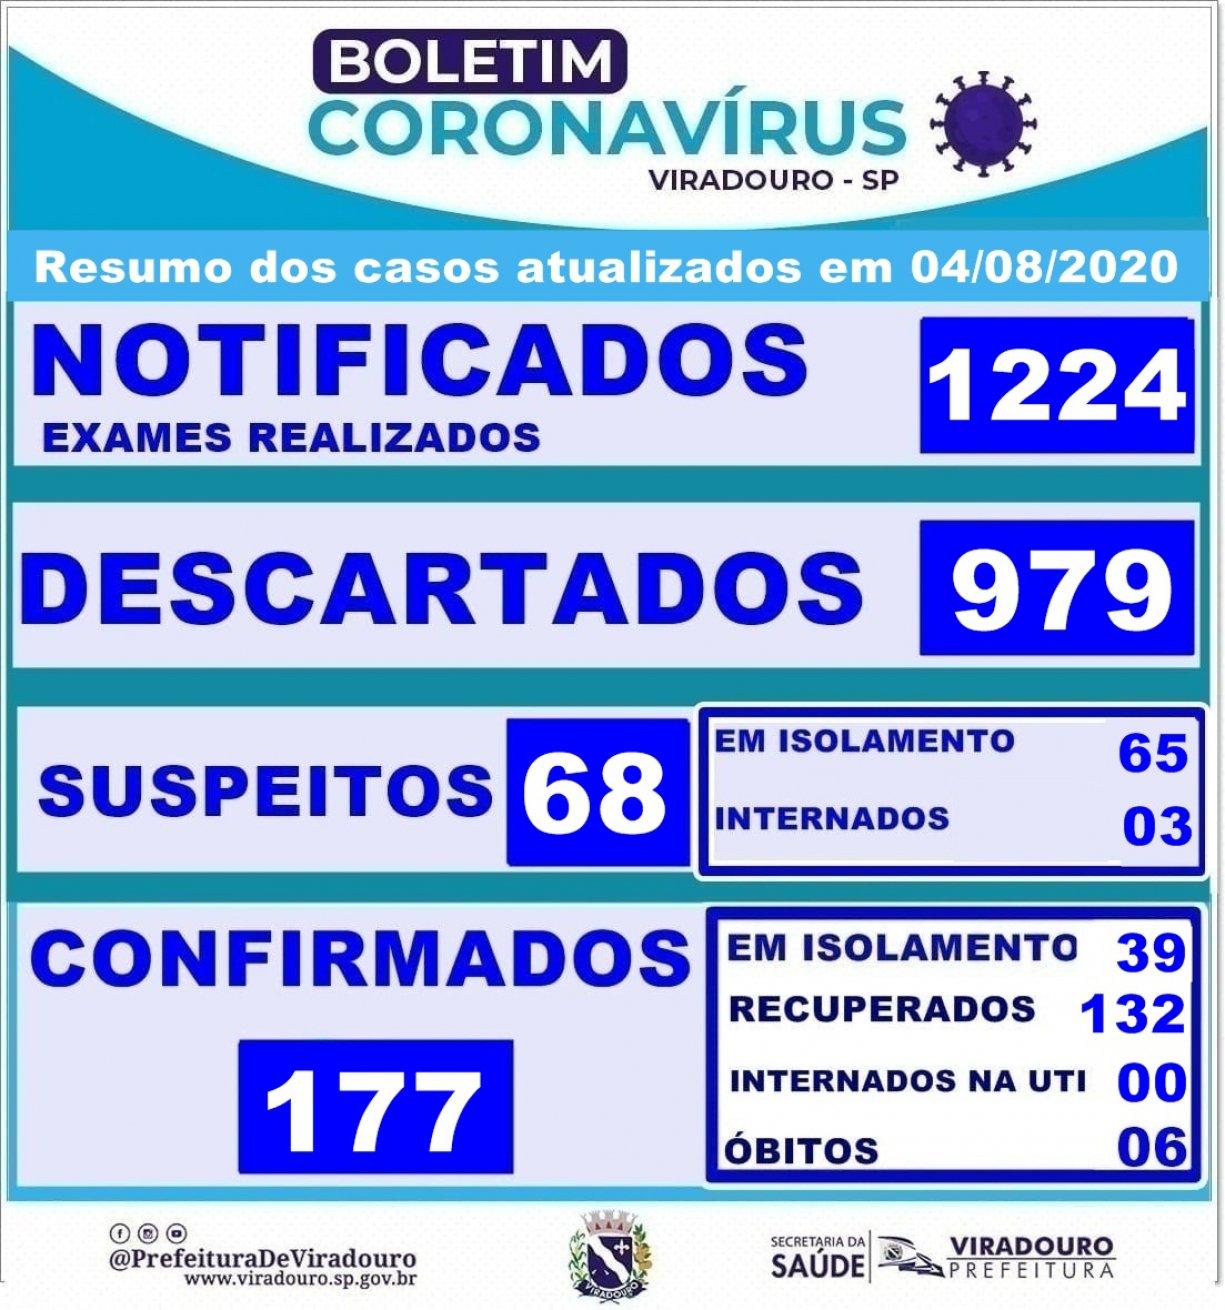 Boletim Epidemiológico Viradouro (Atualização 04/08/2020)